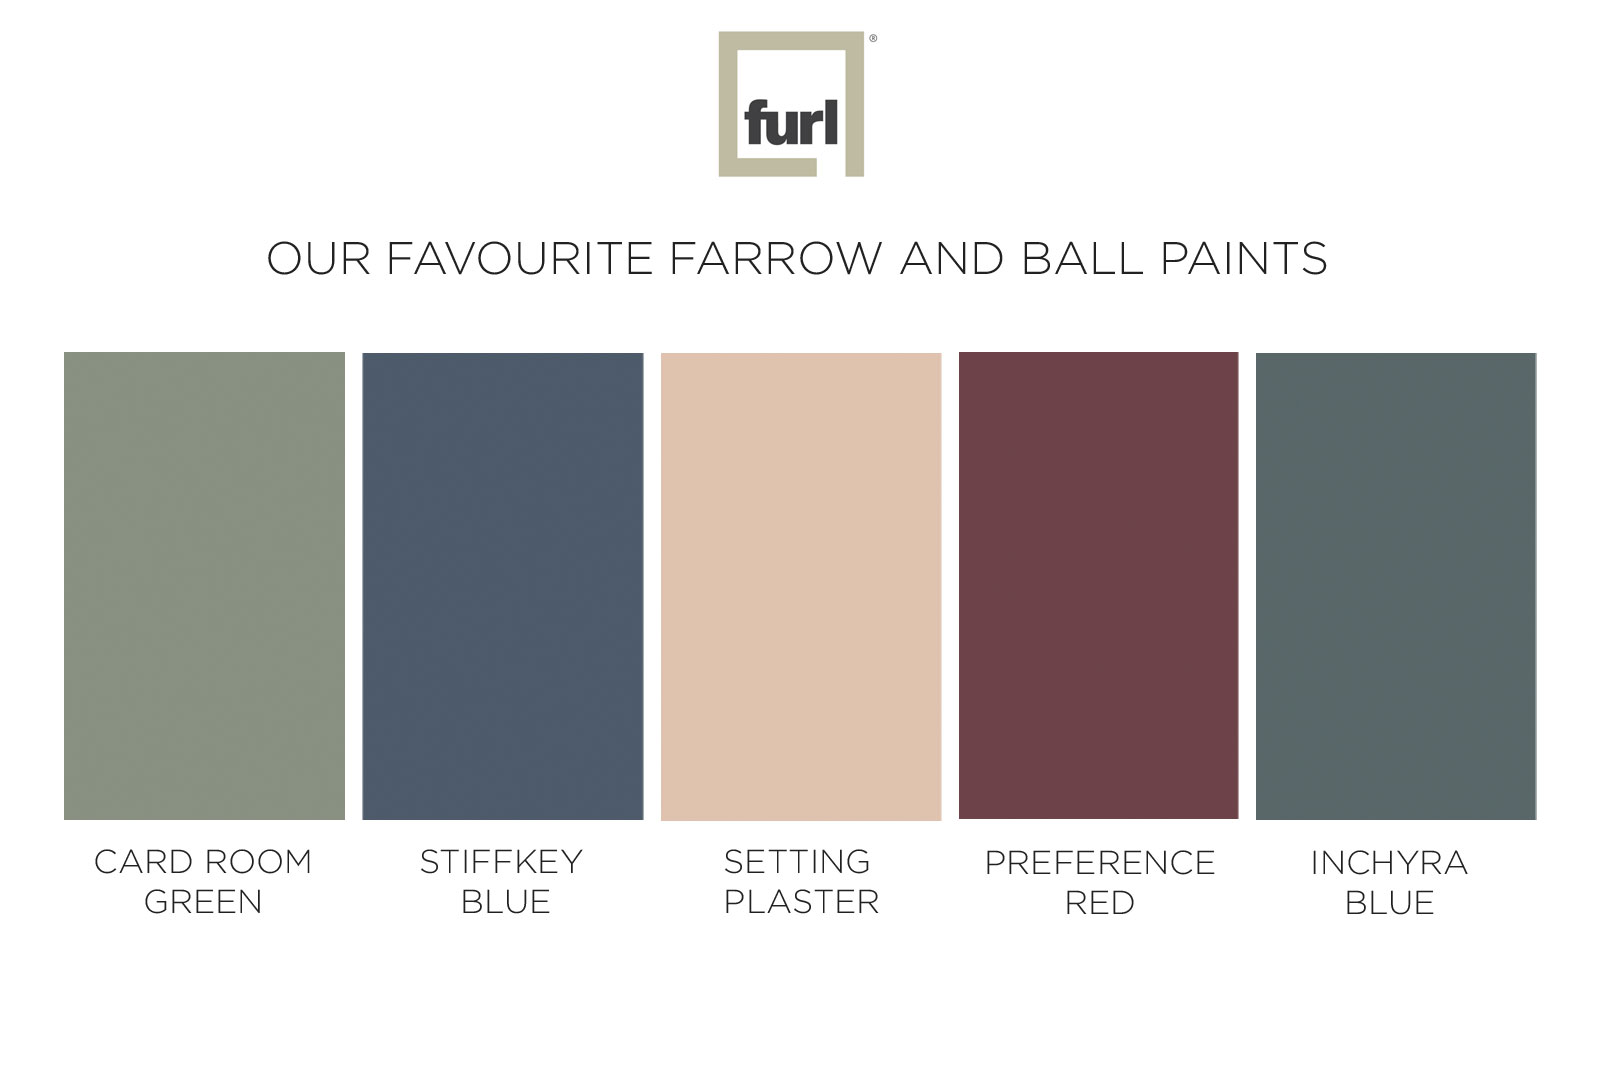 Farrow and Ball, Farrow and Ball Stockist, Farrow and Ball Paint, Paint, Paint Colours, Room Paint, Wall Paint, F&B Colours, F&B, Official Farrow and Ball Stockist